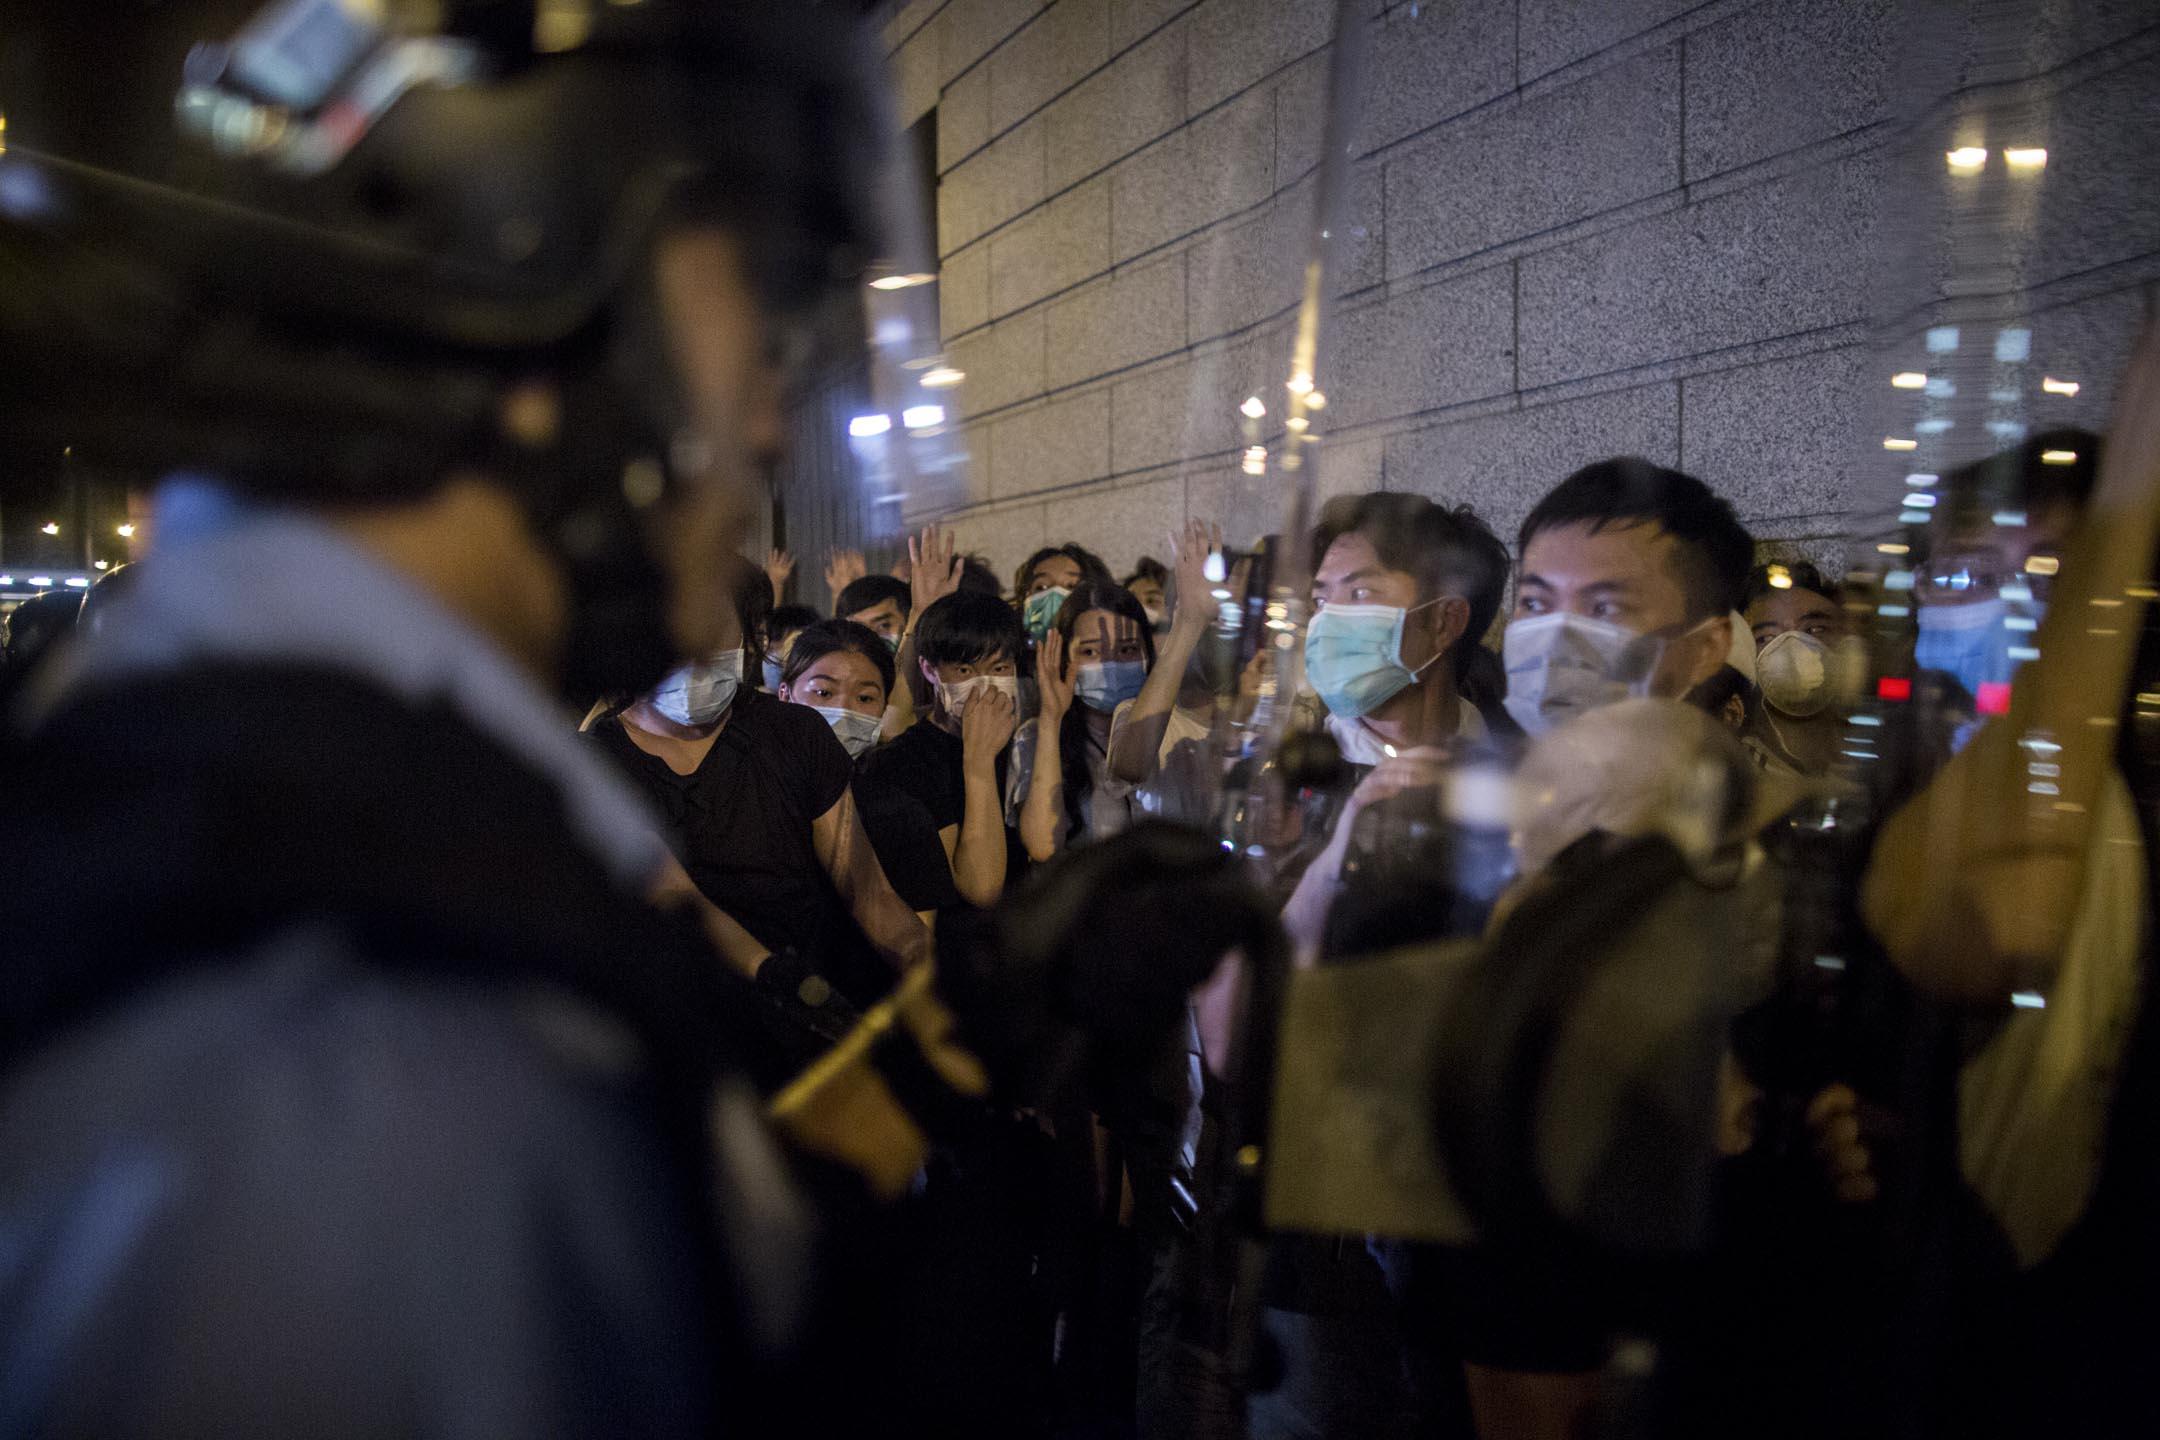 2019年6月10日凌晨約3時,示威者在舊灣仔警署被迫向牆角。 攝:林振東/端傳媒